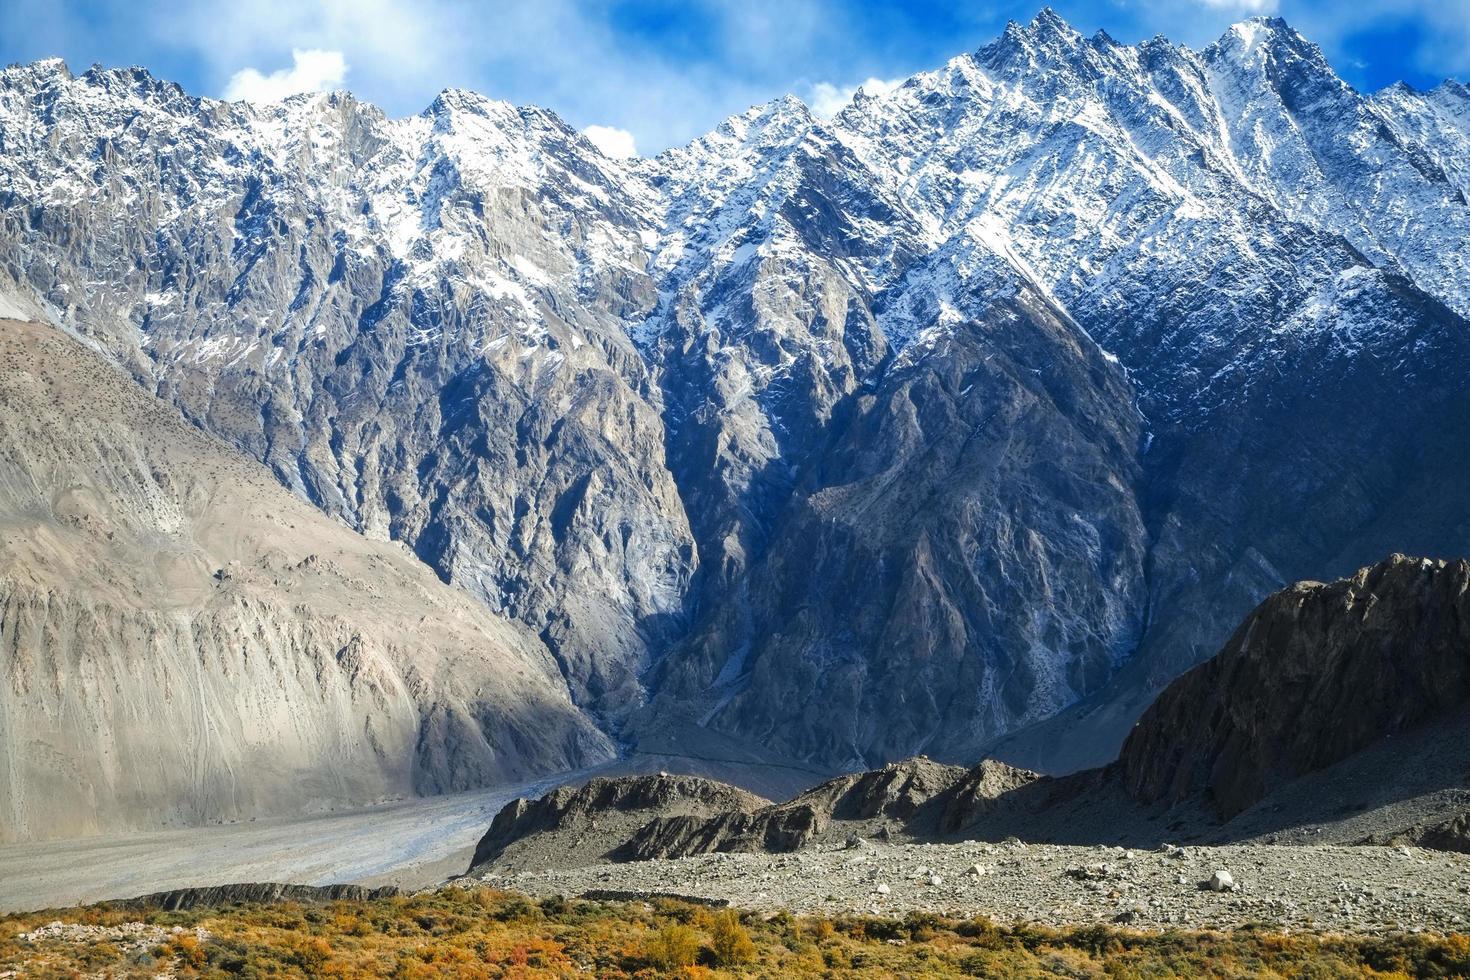 Montagnes enneigées dans la gamme de karakoram au Pakistan photo